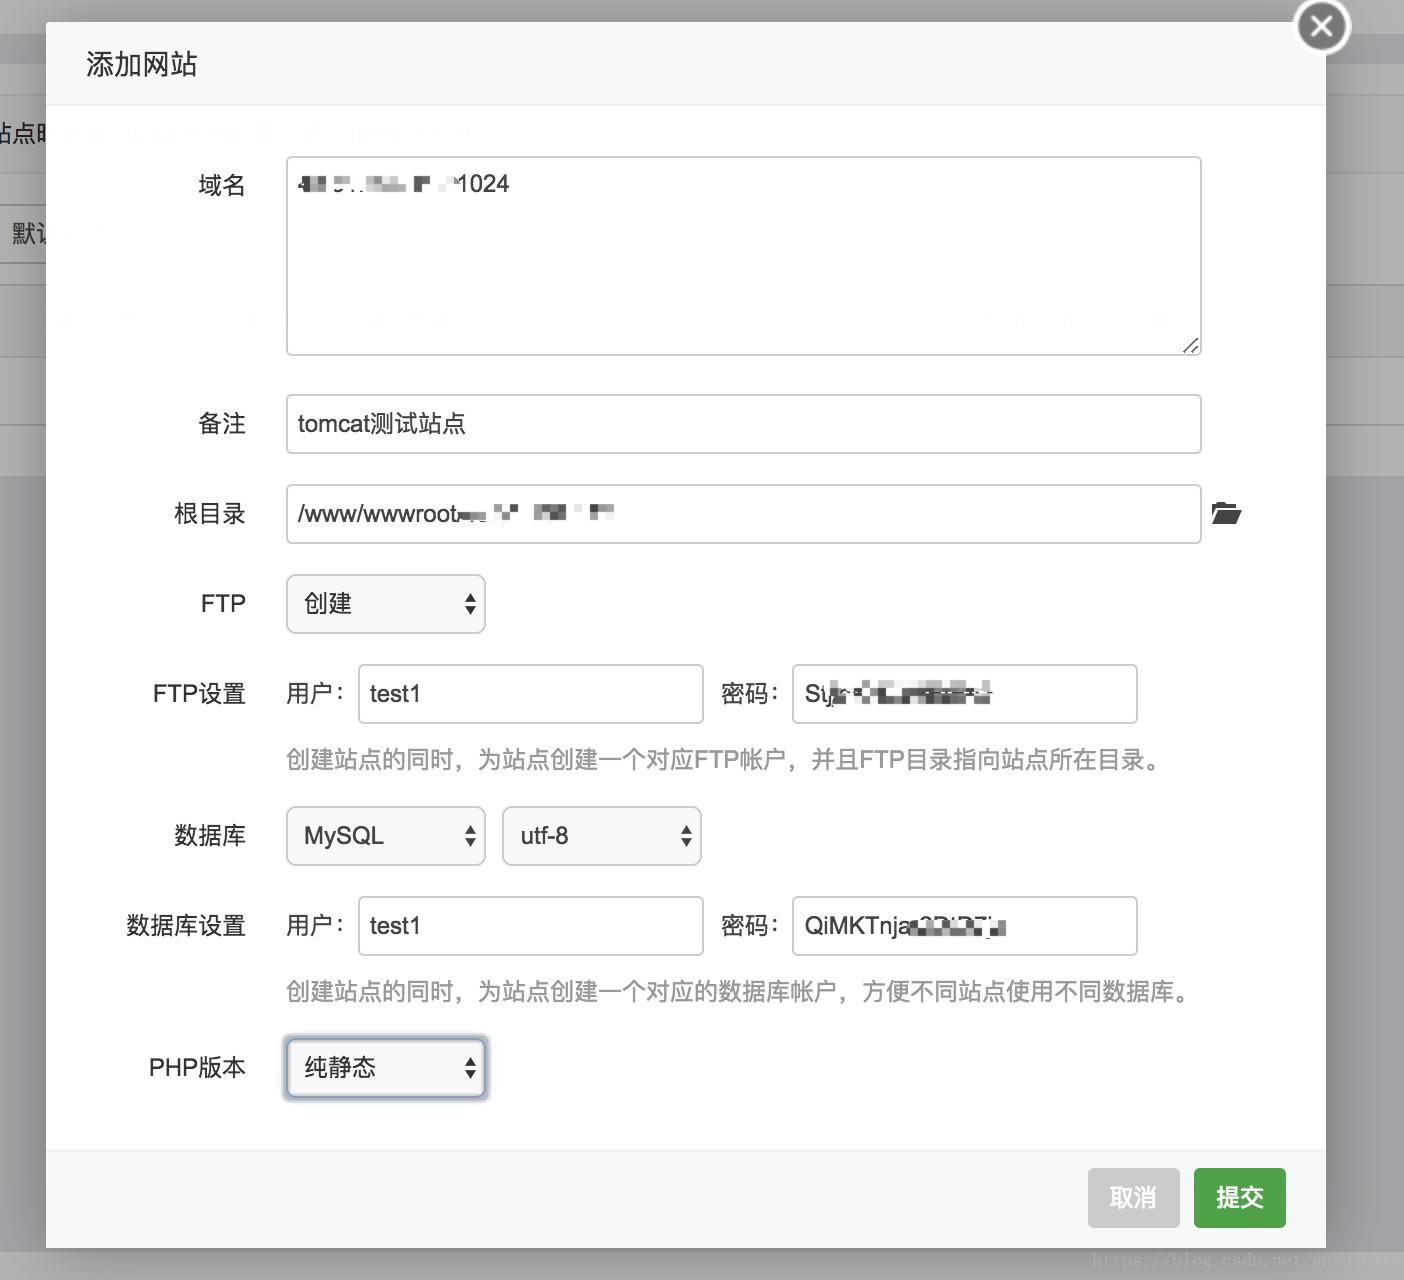 宝塔面板下Tomcat+Nginx部署JAVA WEB应用